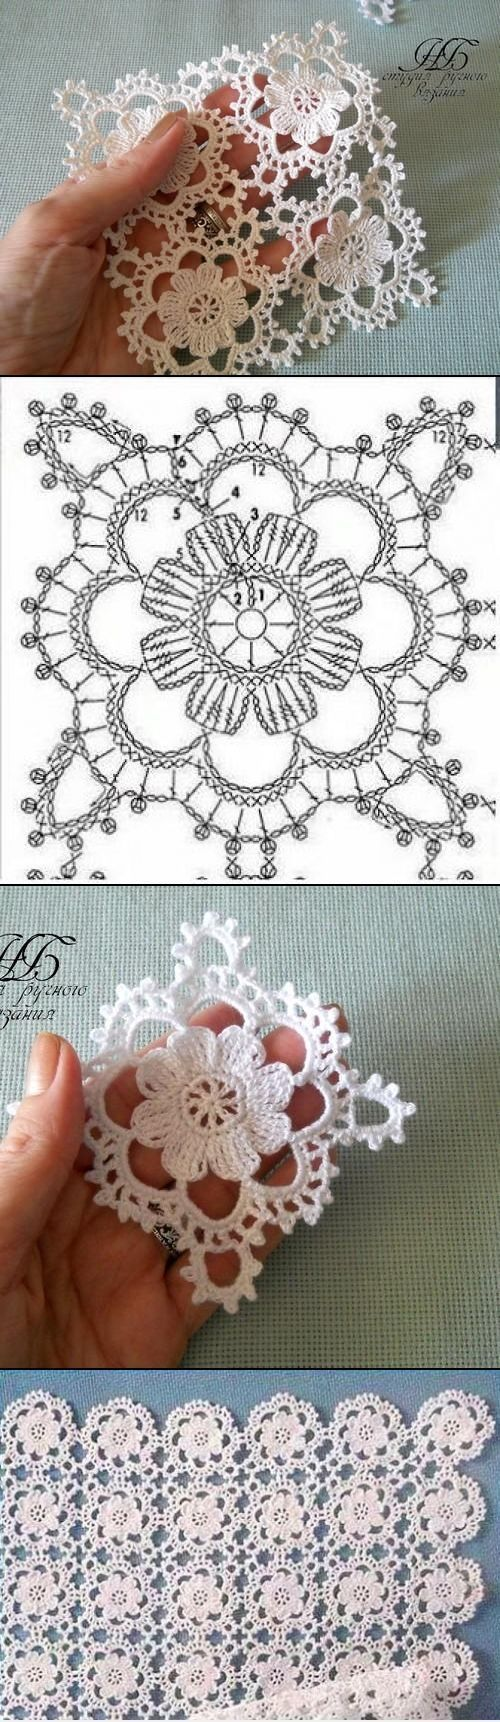 Motivo cuadrado de encaje muy crochet – Love Amigurumi